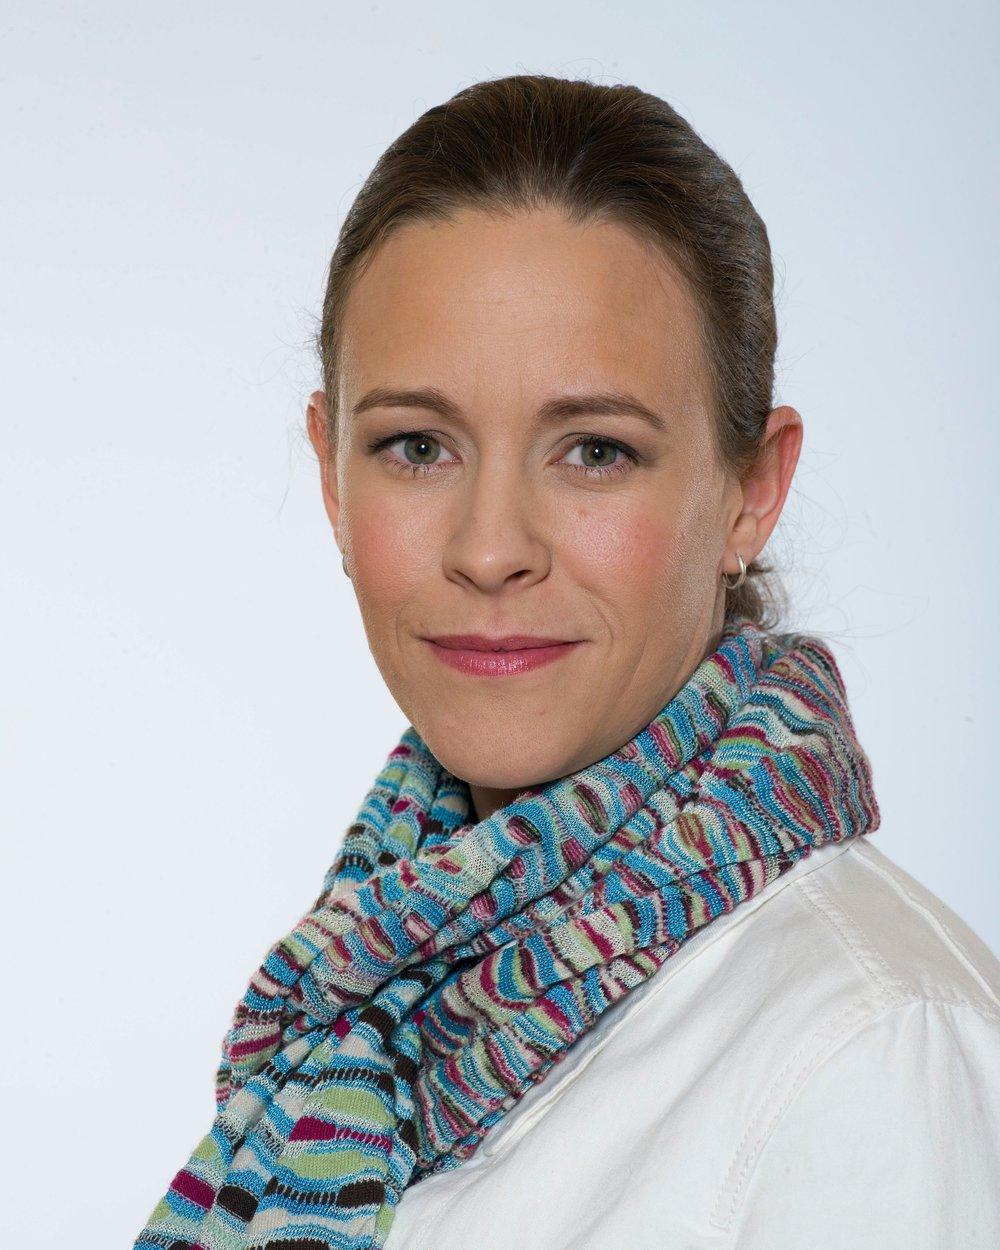 Maria Wetterstrand   VD för Miltton Purpose, hållbarhetskonsult och samhällsdebattör, tidigare språkrör för Miljöpartiet